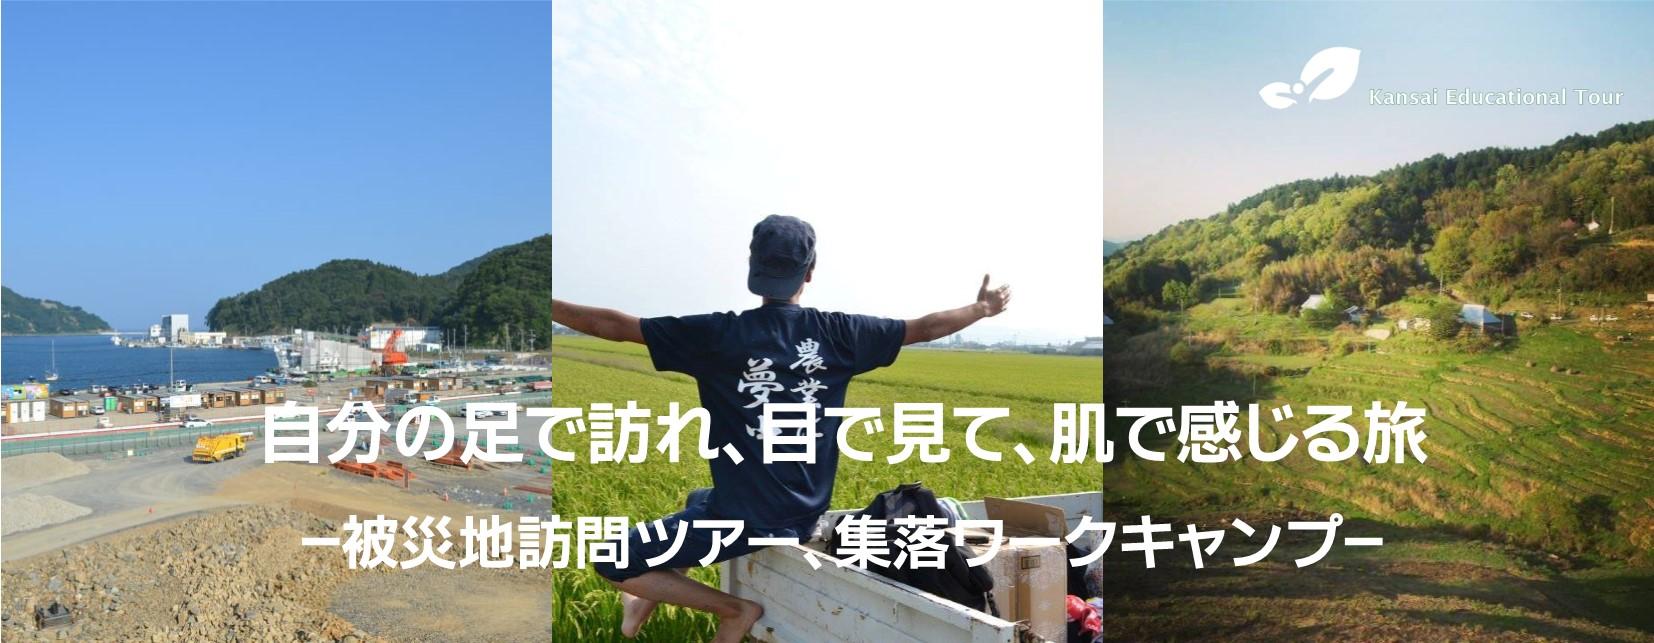 関西教育旅行株式会社